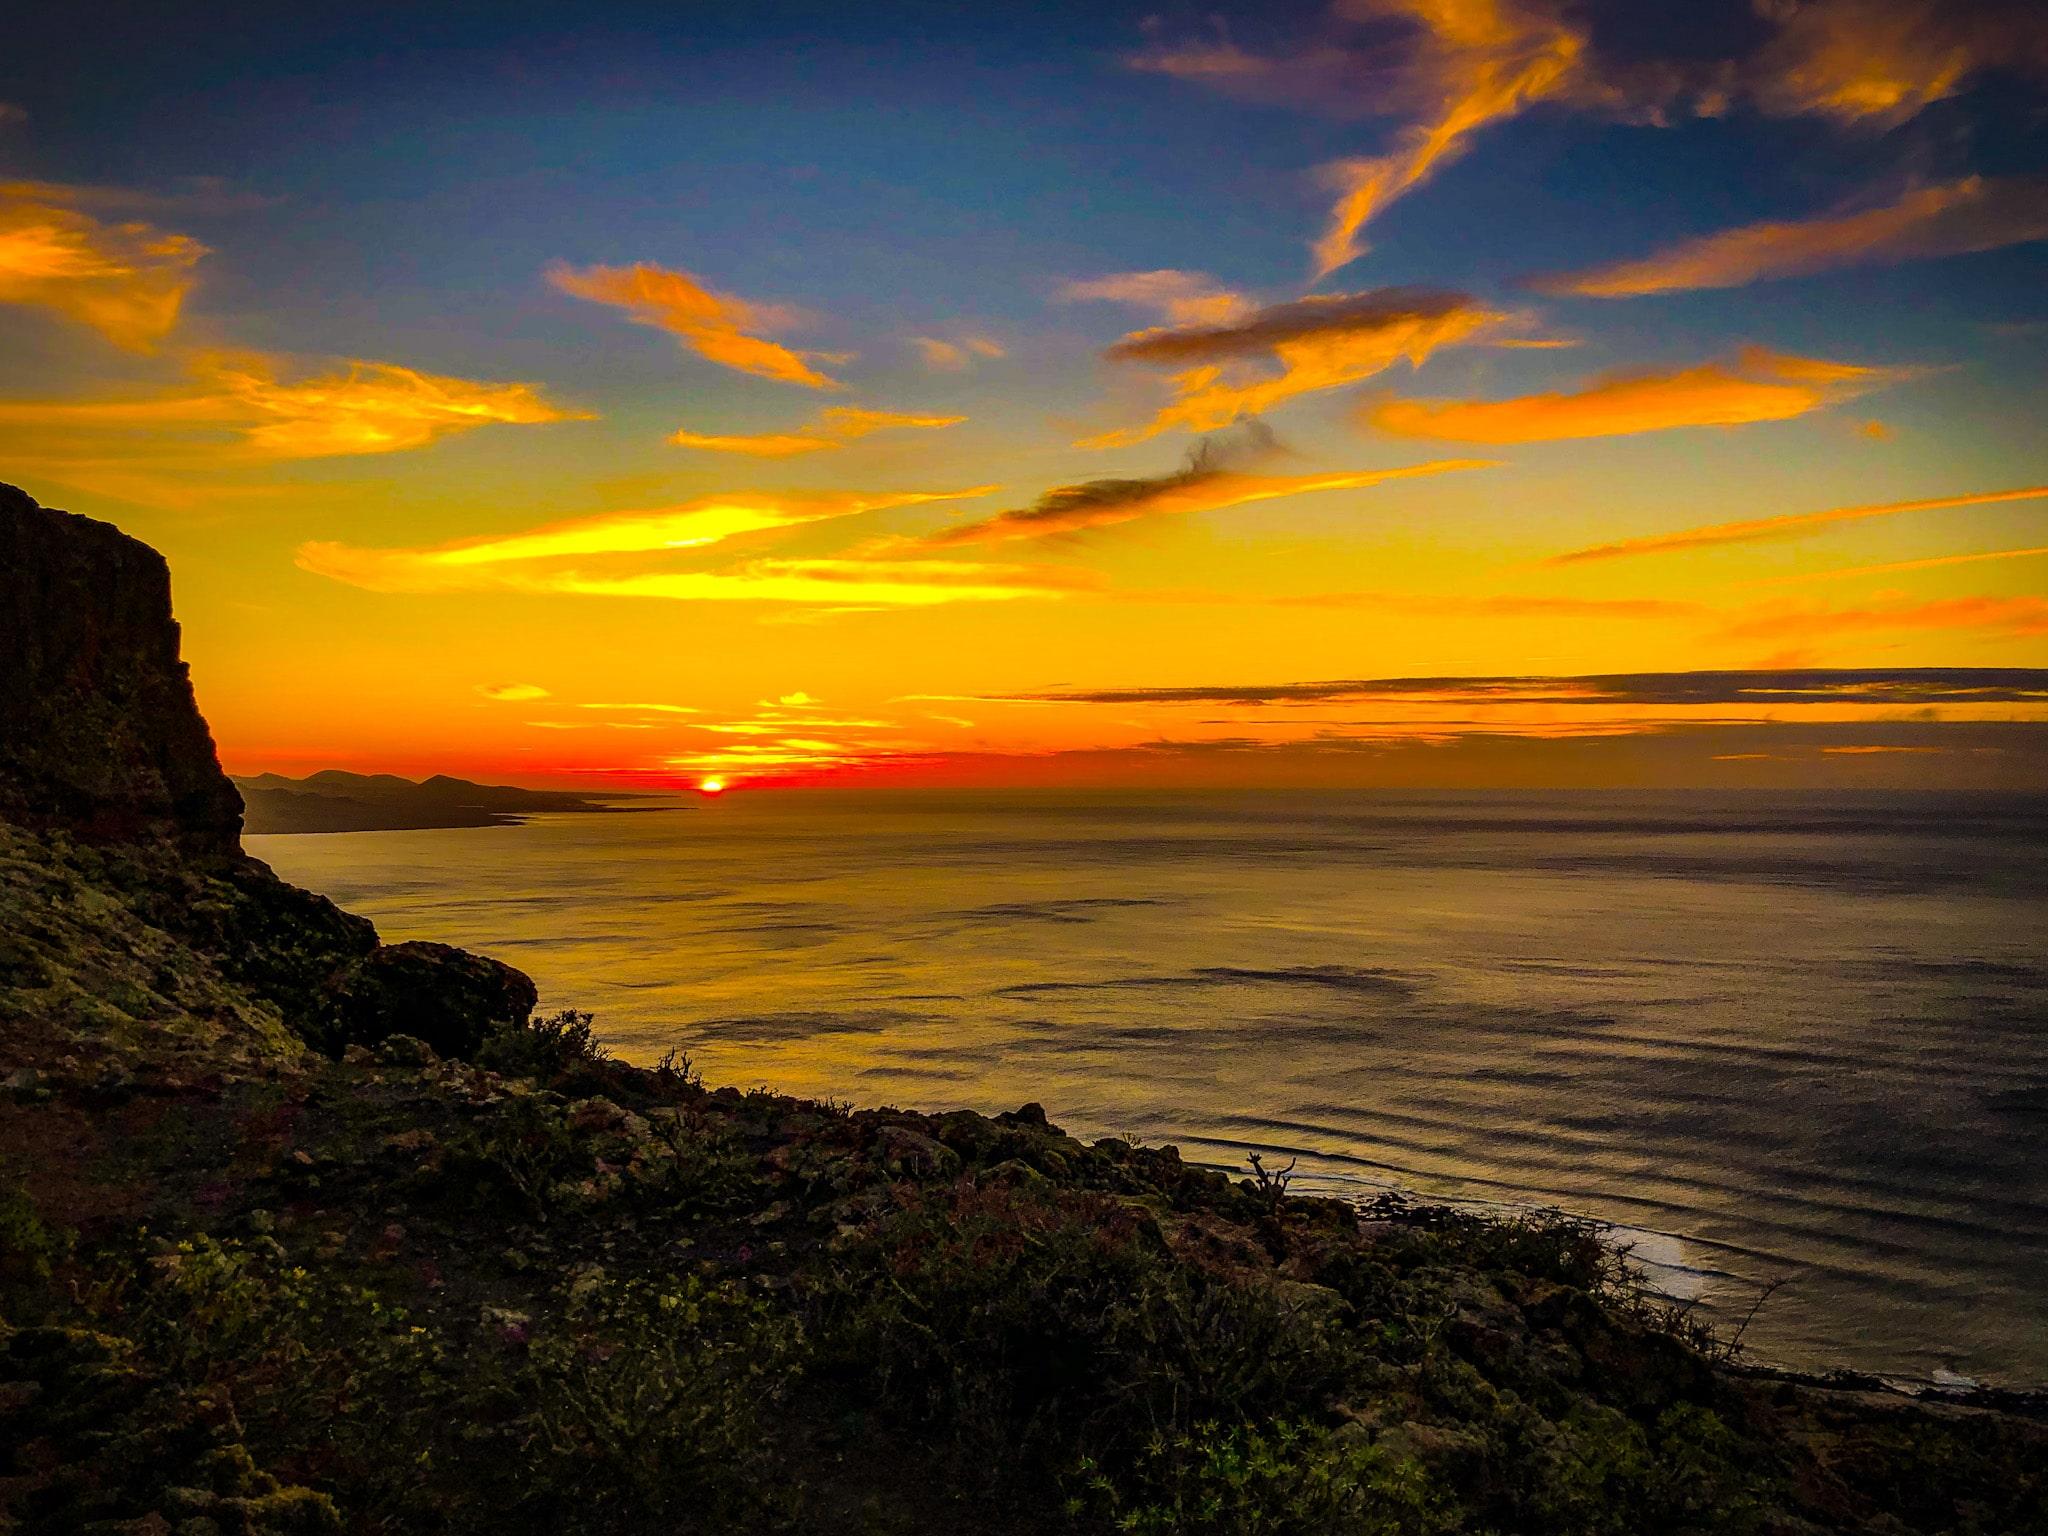 Sonnenuntergang - Urlaubsengel auf Lanzarote